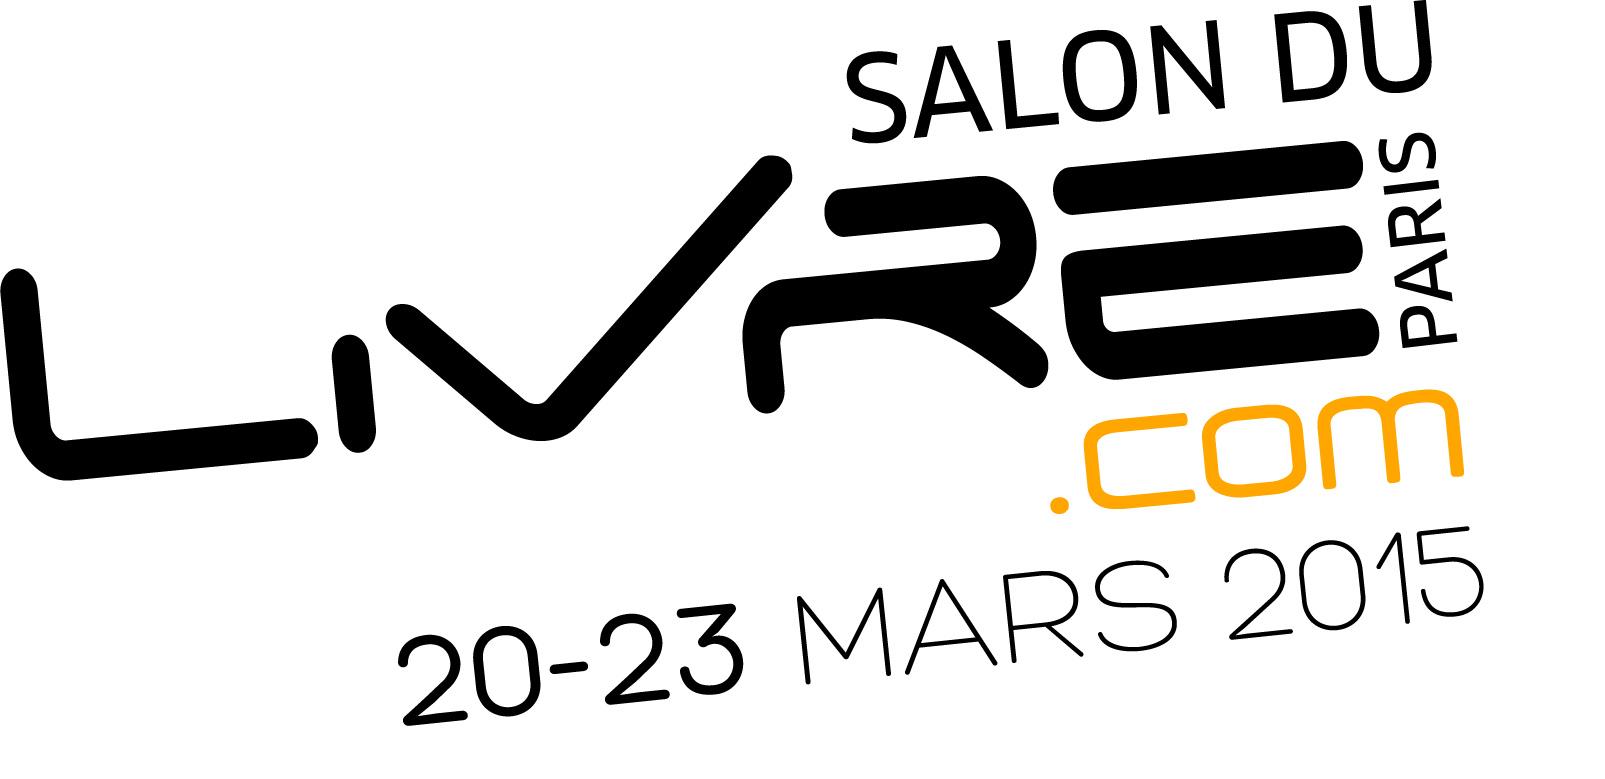 Salon du livre de paris 20 23 mars 2015 l dition lectronique ouverte - Salon du livre brive 2015 ...